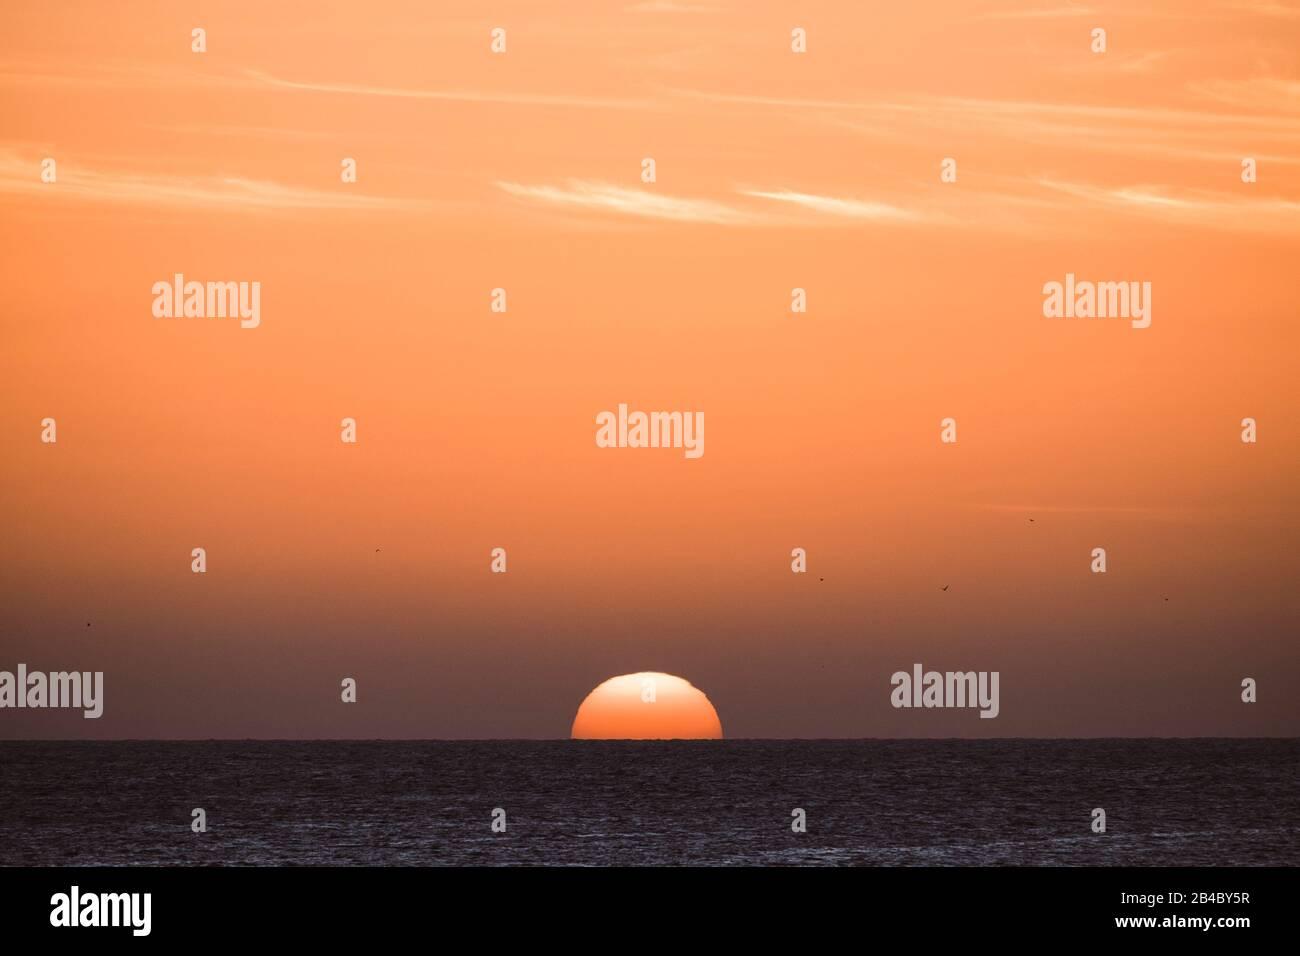 Coucher de soleil tropical classique ou lever de soleil sur l'horizon de la mer avec le soleil et l'eau se touchant ensemble - ciel orange chaud en arrière-plan - destination voyage paradis vacances concept Banque D'Images